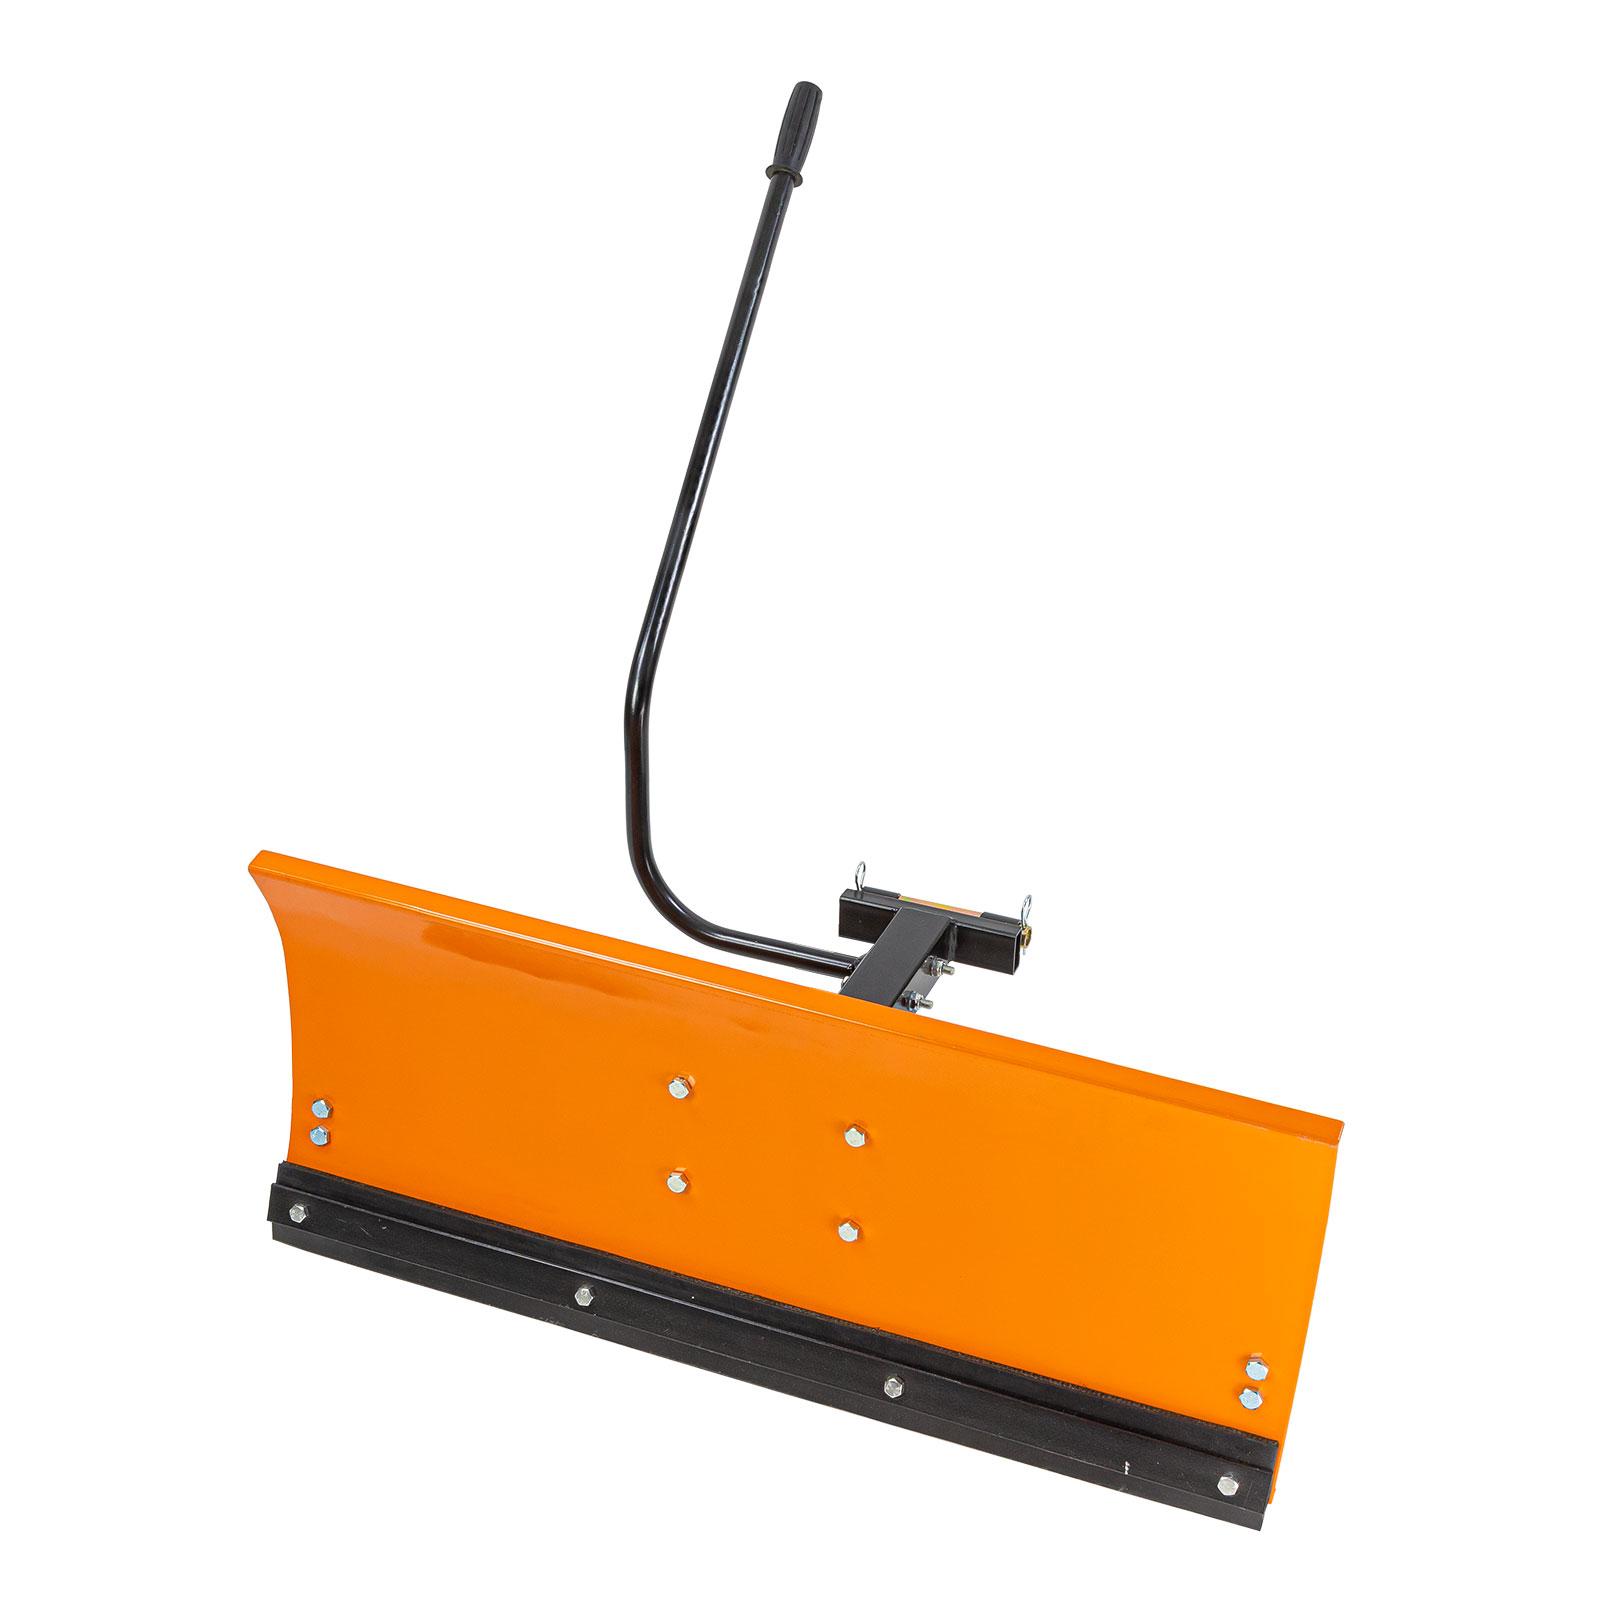 Dema Schneeschild für Rasentraktor 100 cm Pro 67793